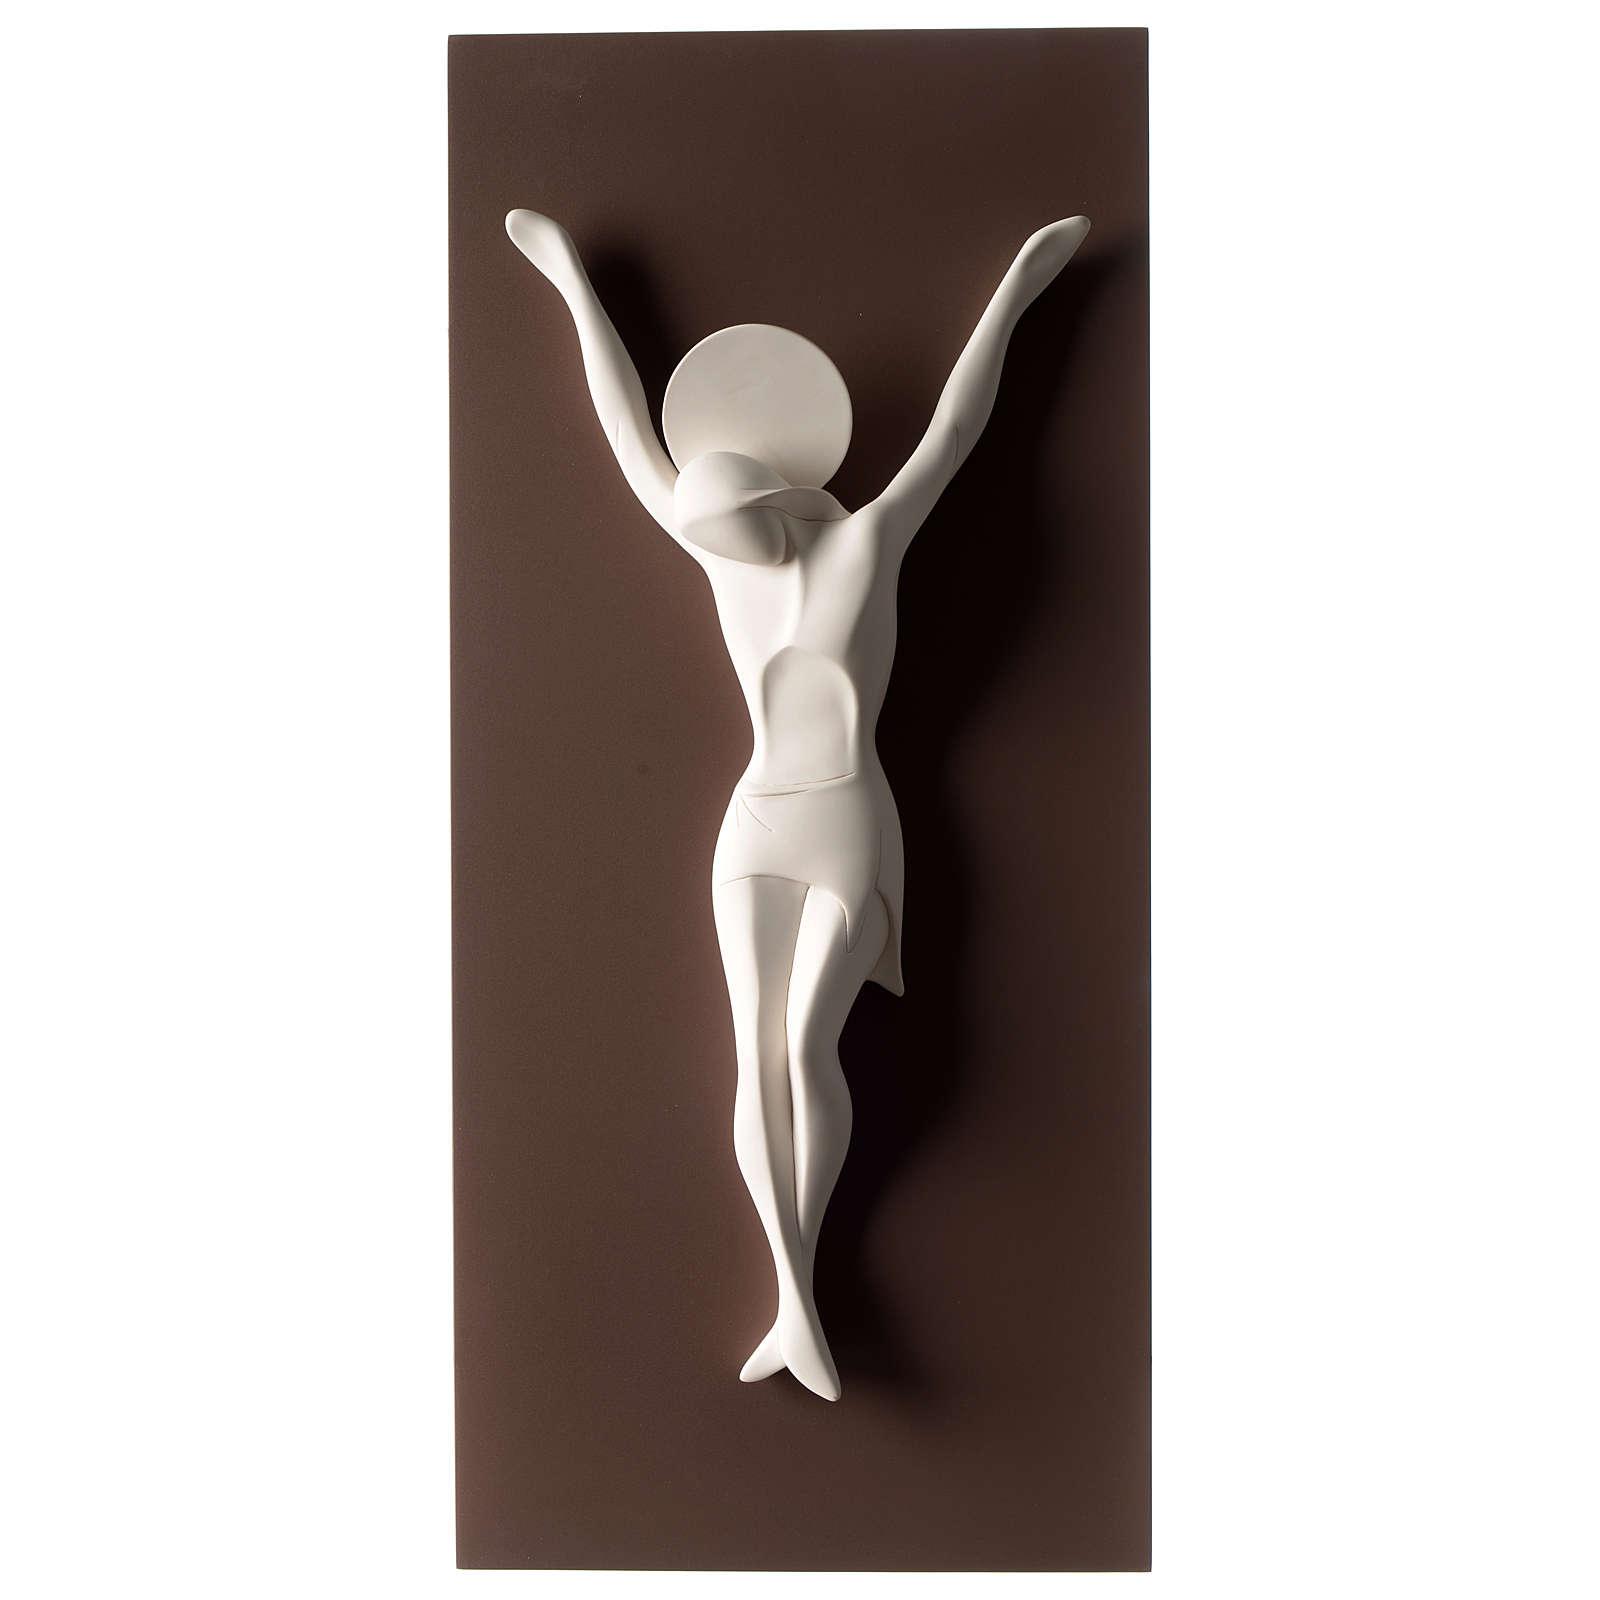 Crocefisso stilizzato bianco tortora resina e legno 55 cm 3